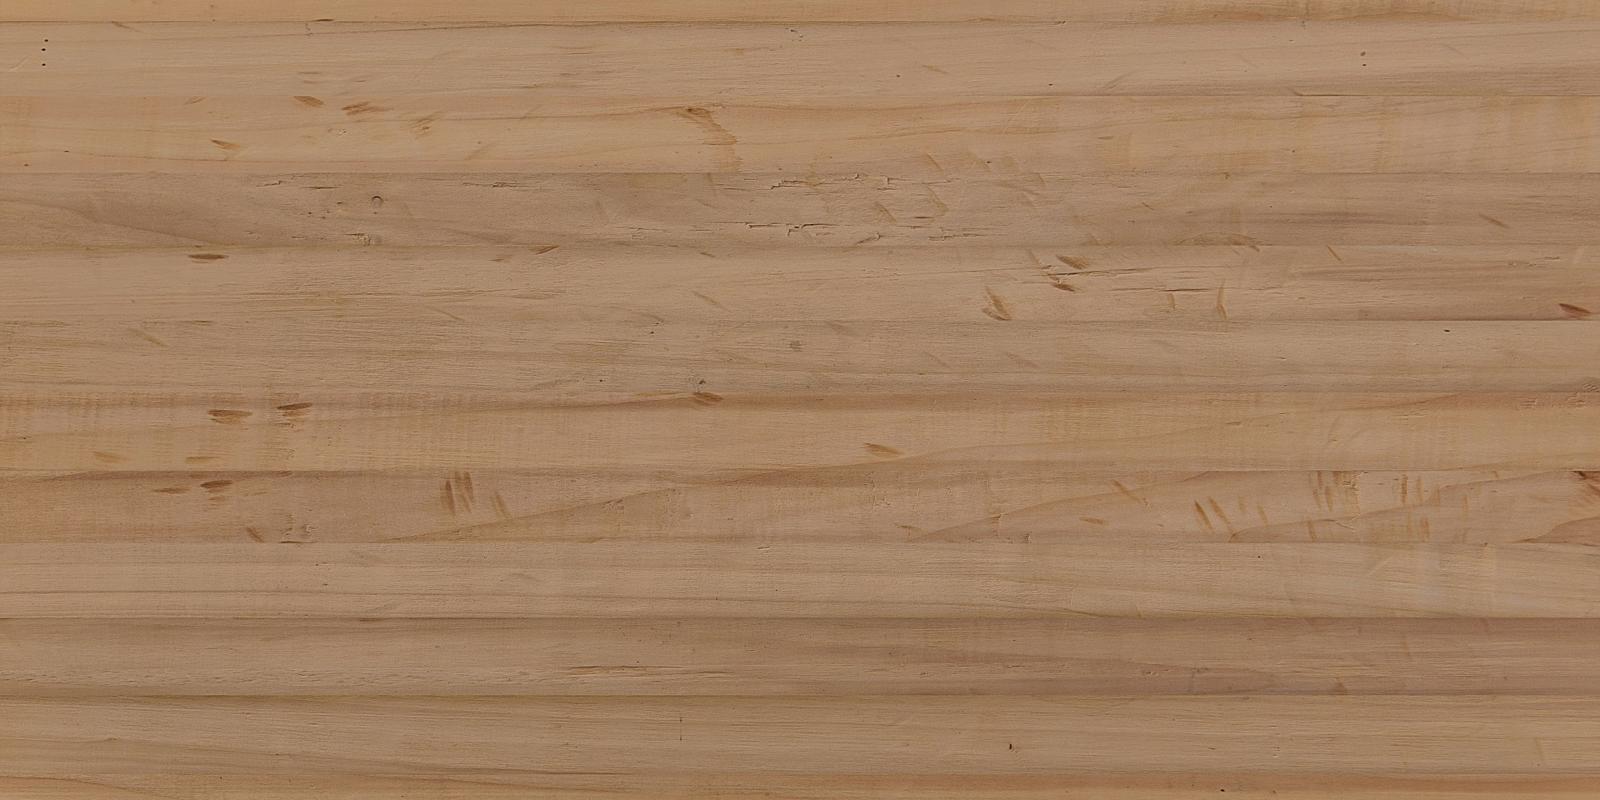 krassen uit laminaat verwijderen